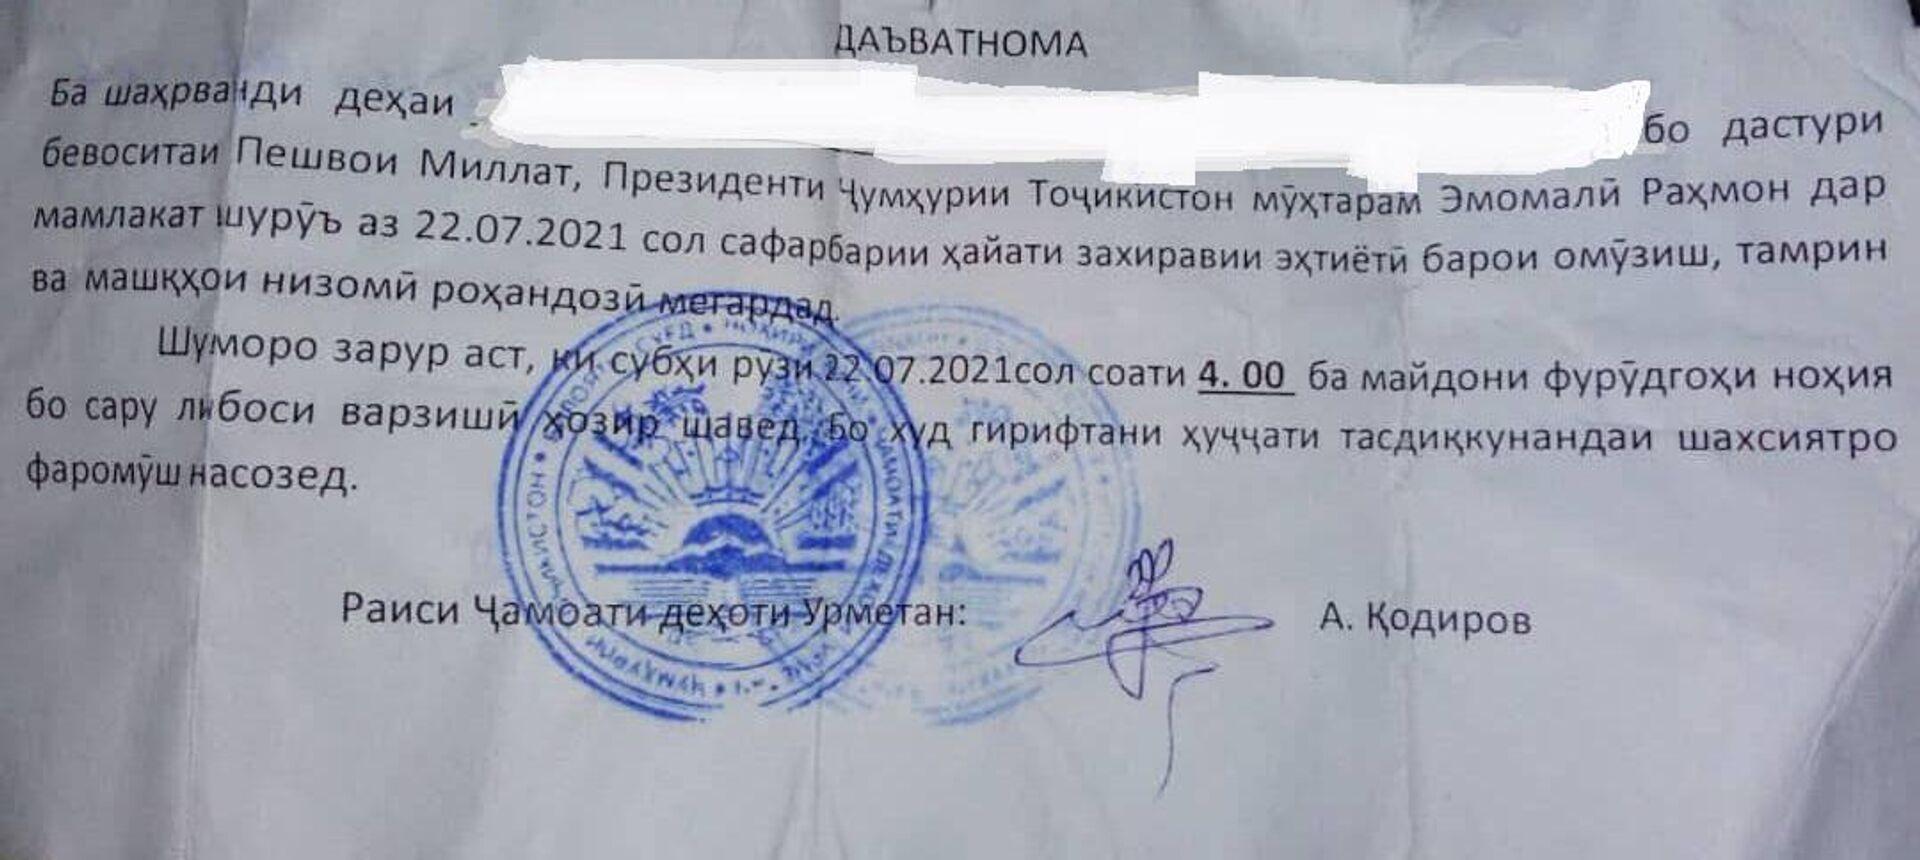 Приглашение на парад в Таджикистане для резервиста - Sputnik Таджикистан, 1920, 21.07.2021